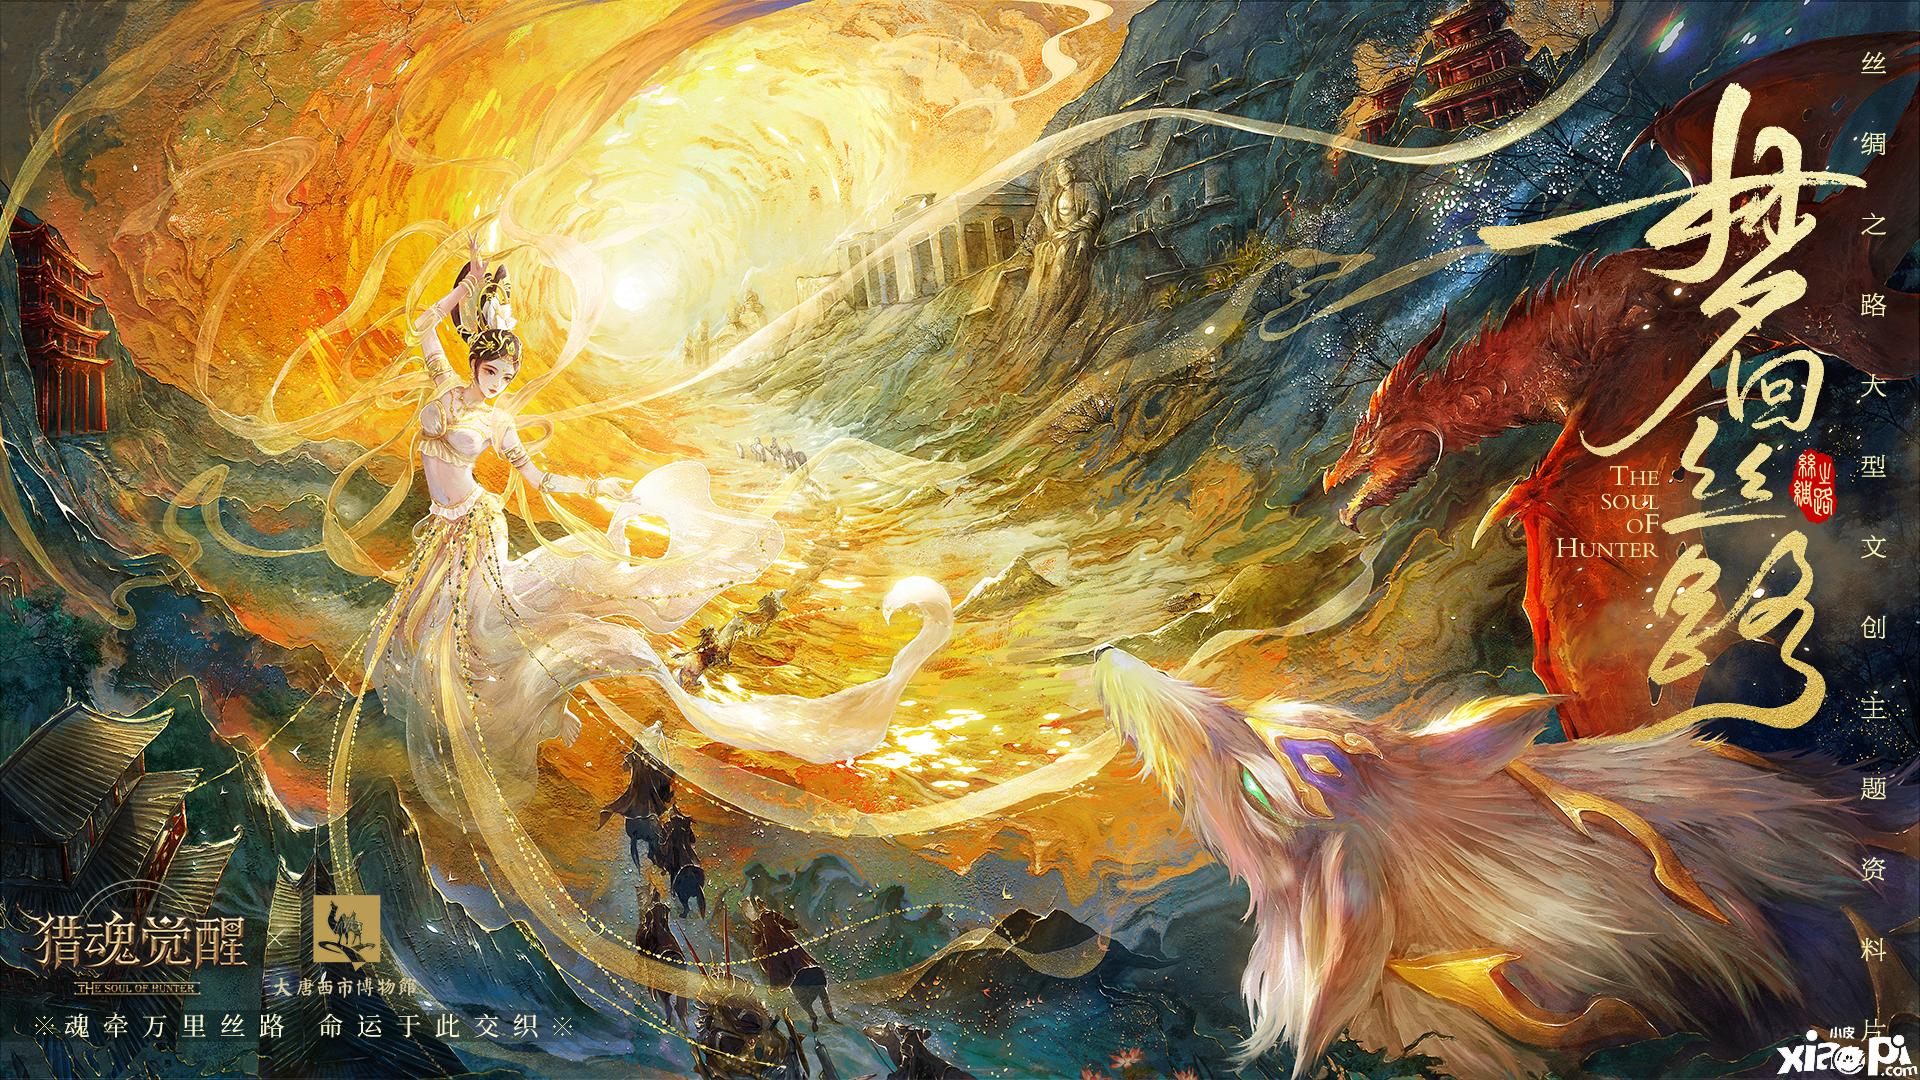 《猎魂觉醒》梦回丝路 丝绸之路大型文创主题资料片正式定档